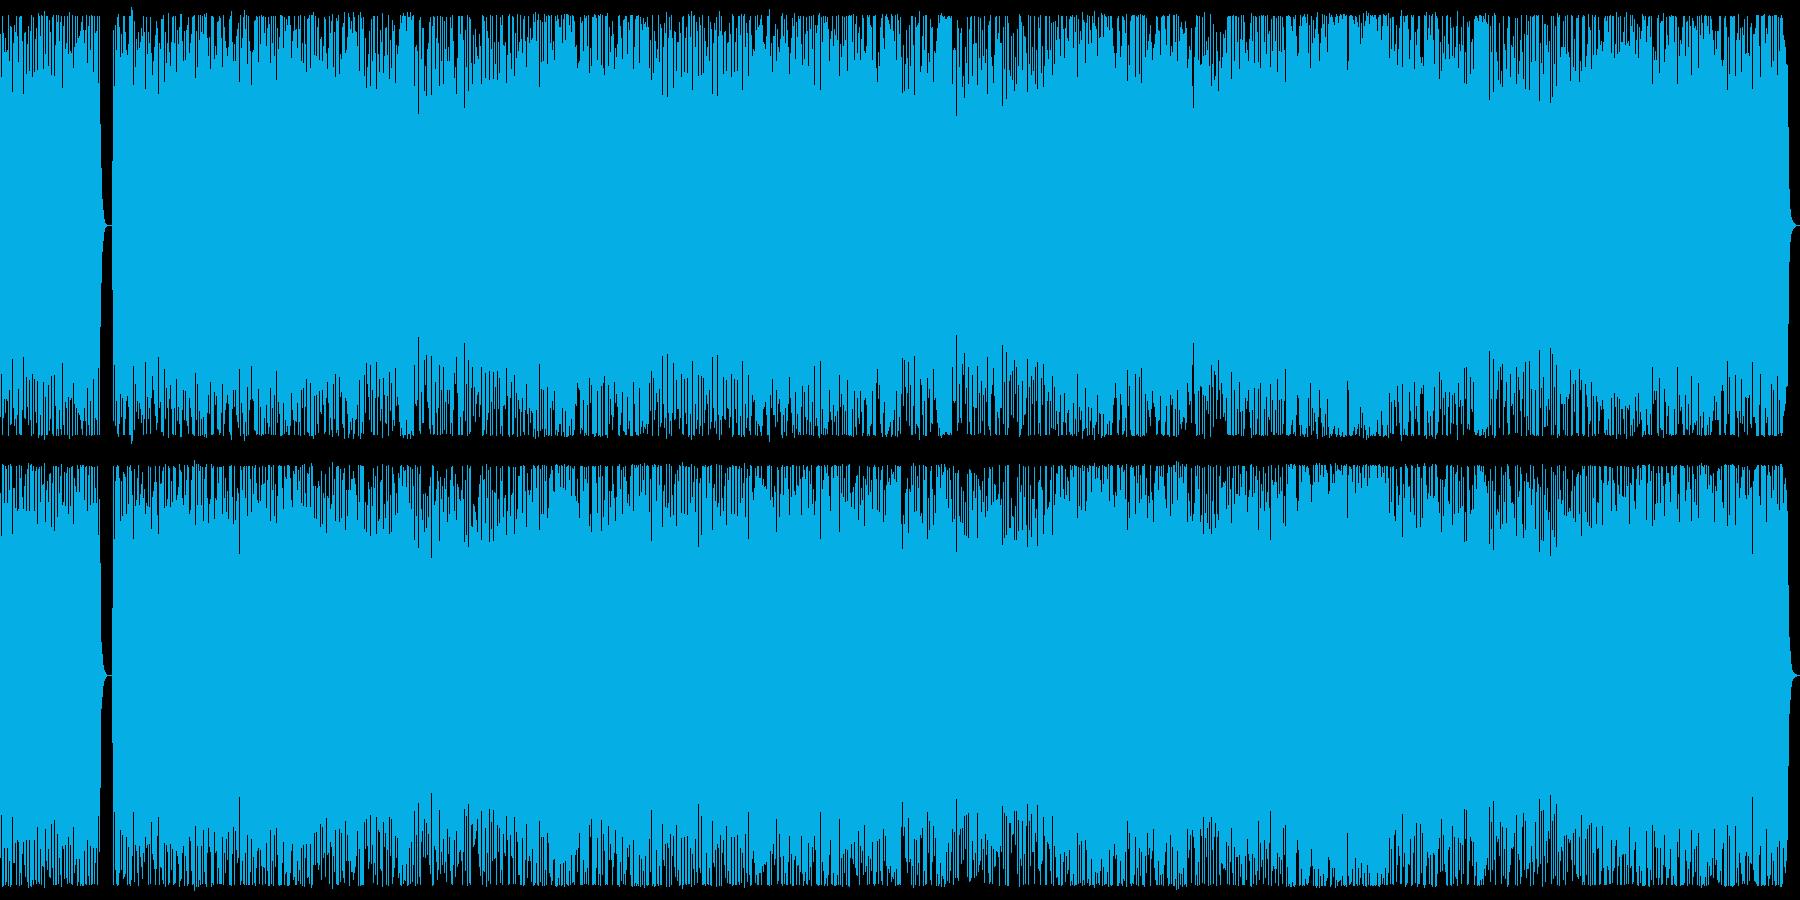 勇壮、ダークな3連系リズムのメタルBGMの再生済みの波形